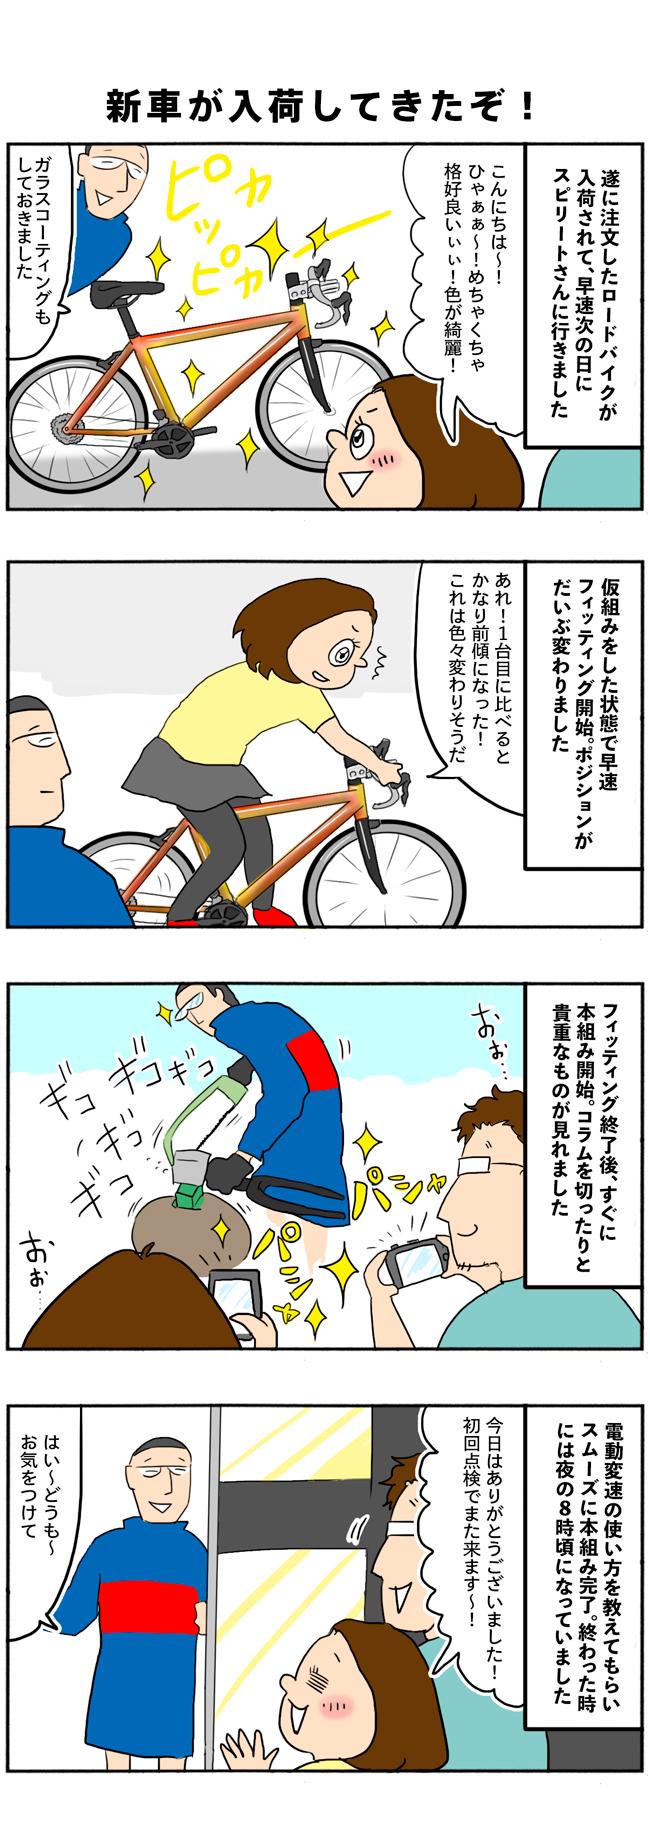 【四コマ漫画】2台目のロードバイクを注文する時のこと4 遂に入荷!〜納車から受け渡しまでの流れ〜